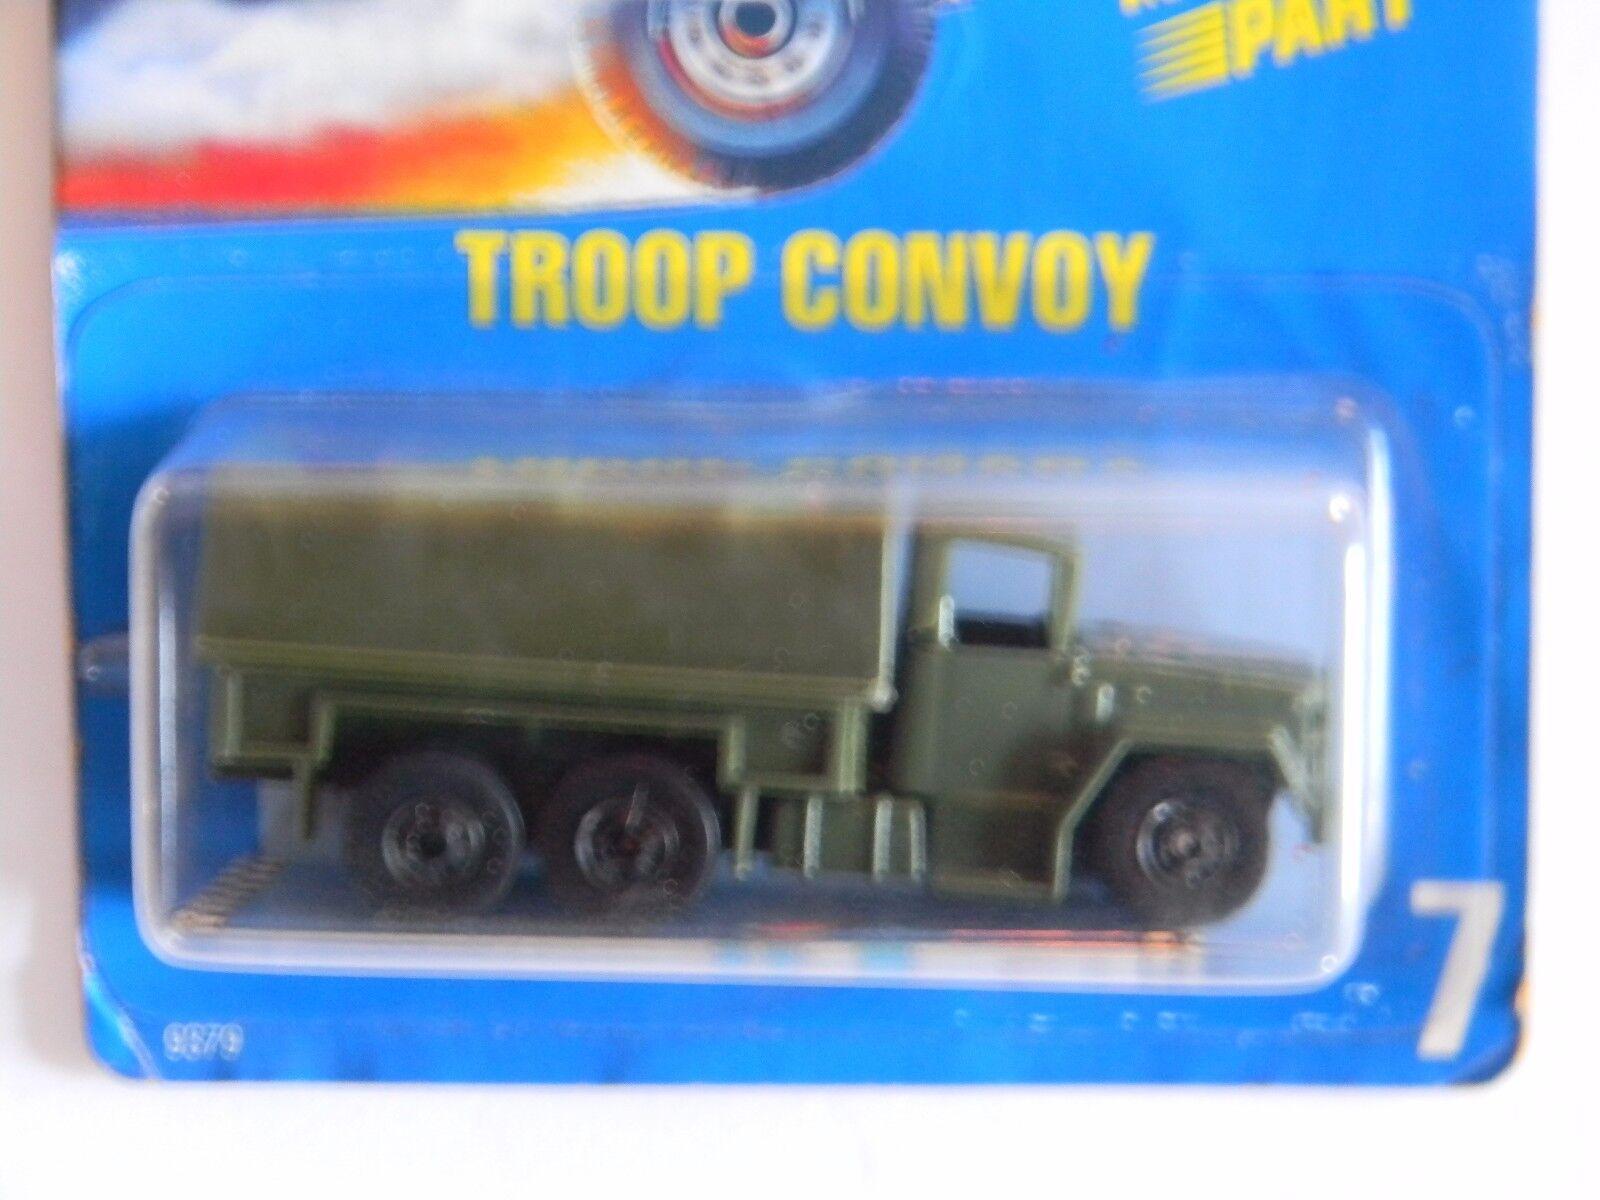 el estilo clásico Muy raros-Troop convoy-Tarjeta convoy-Tarjeta convoy-Tarjeta Azul -  7 - hot Wheels-RARE-ORIGINAL-muy difícil de encontrar  forma única